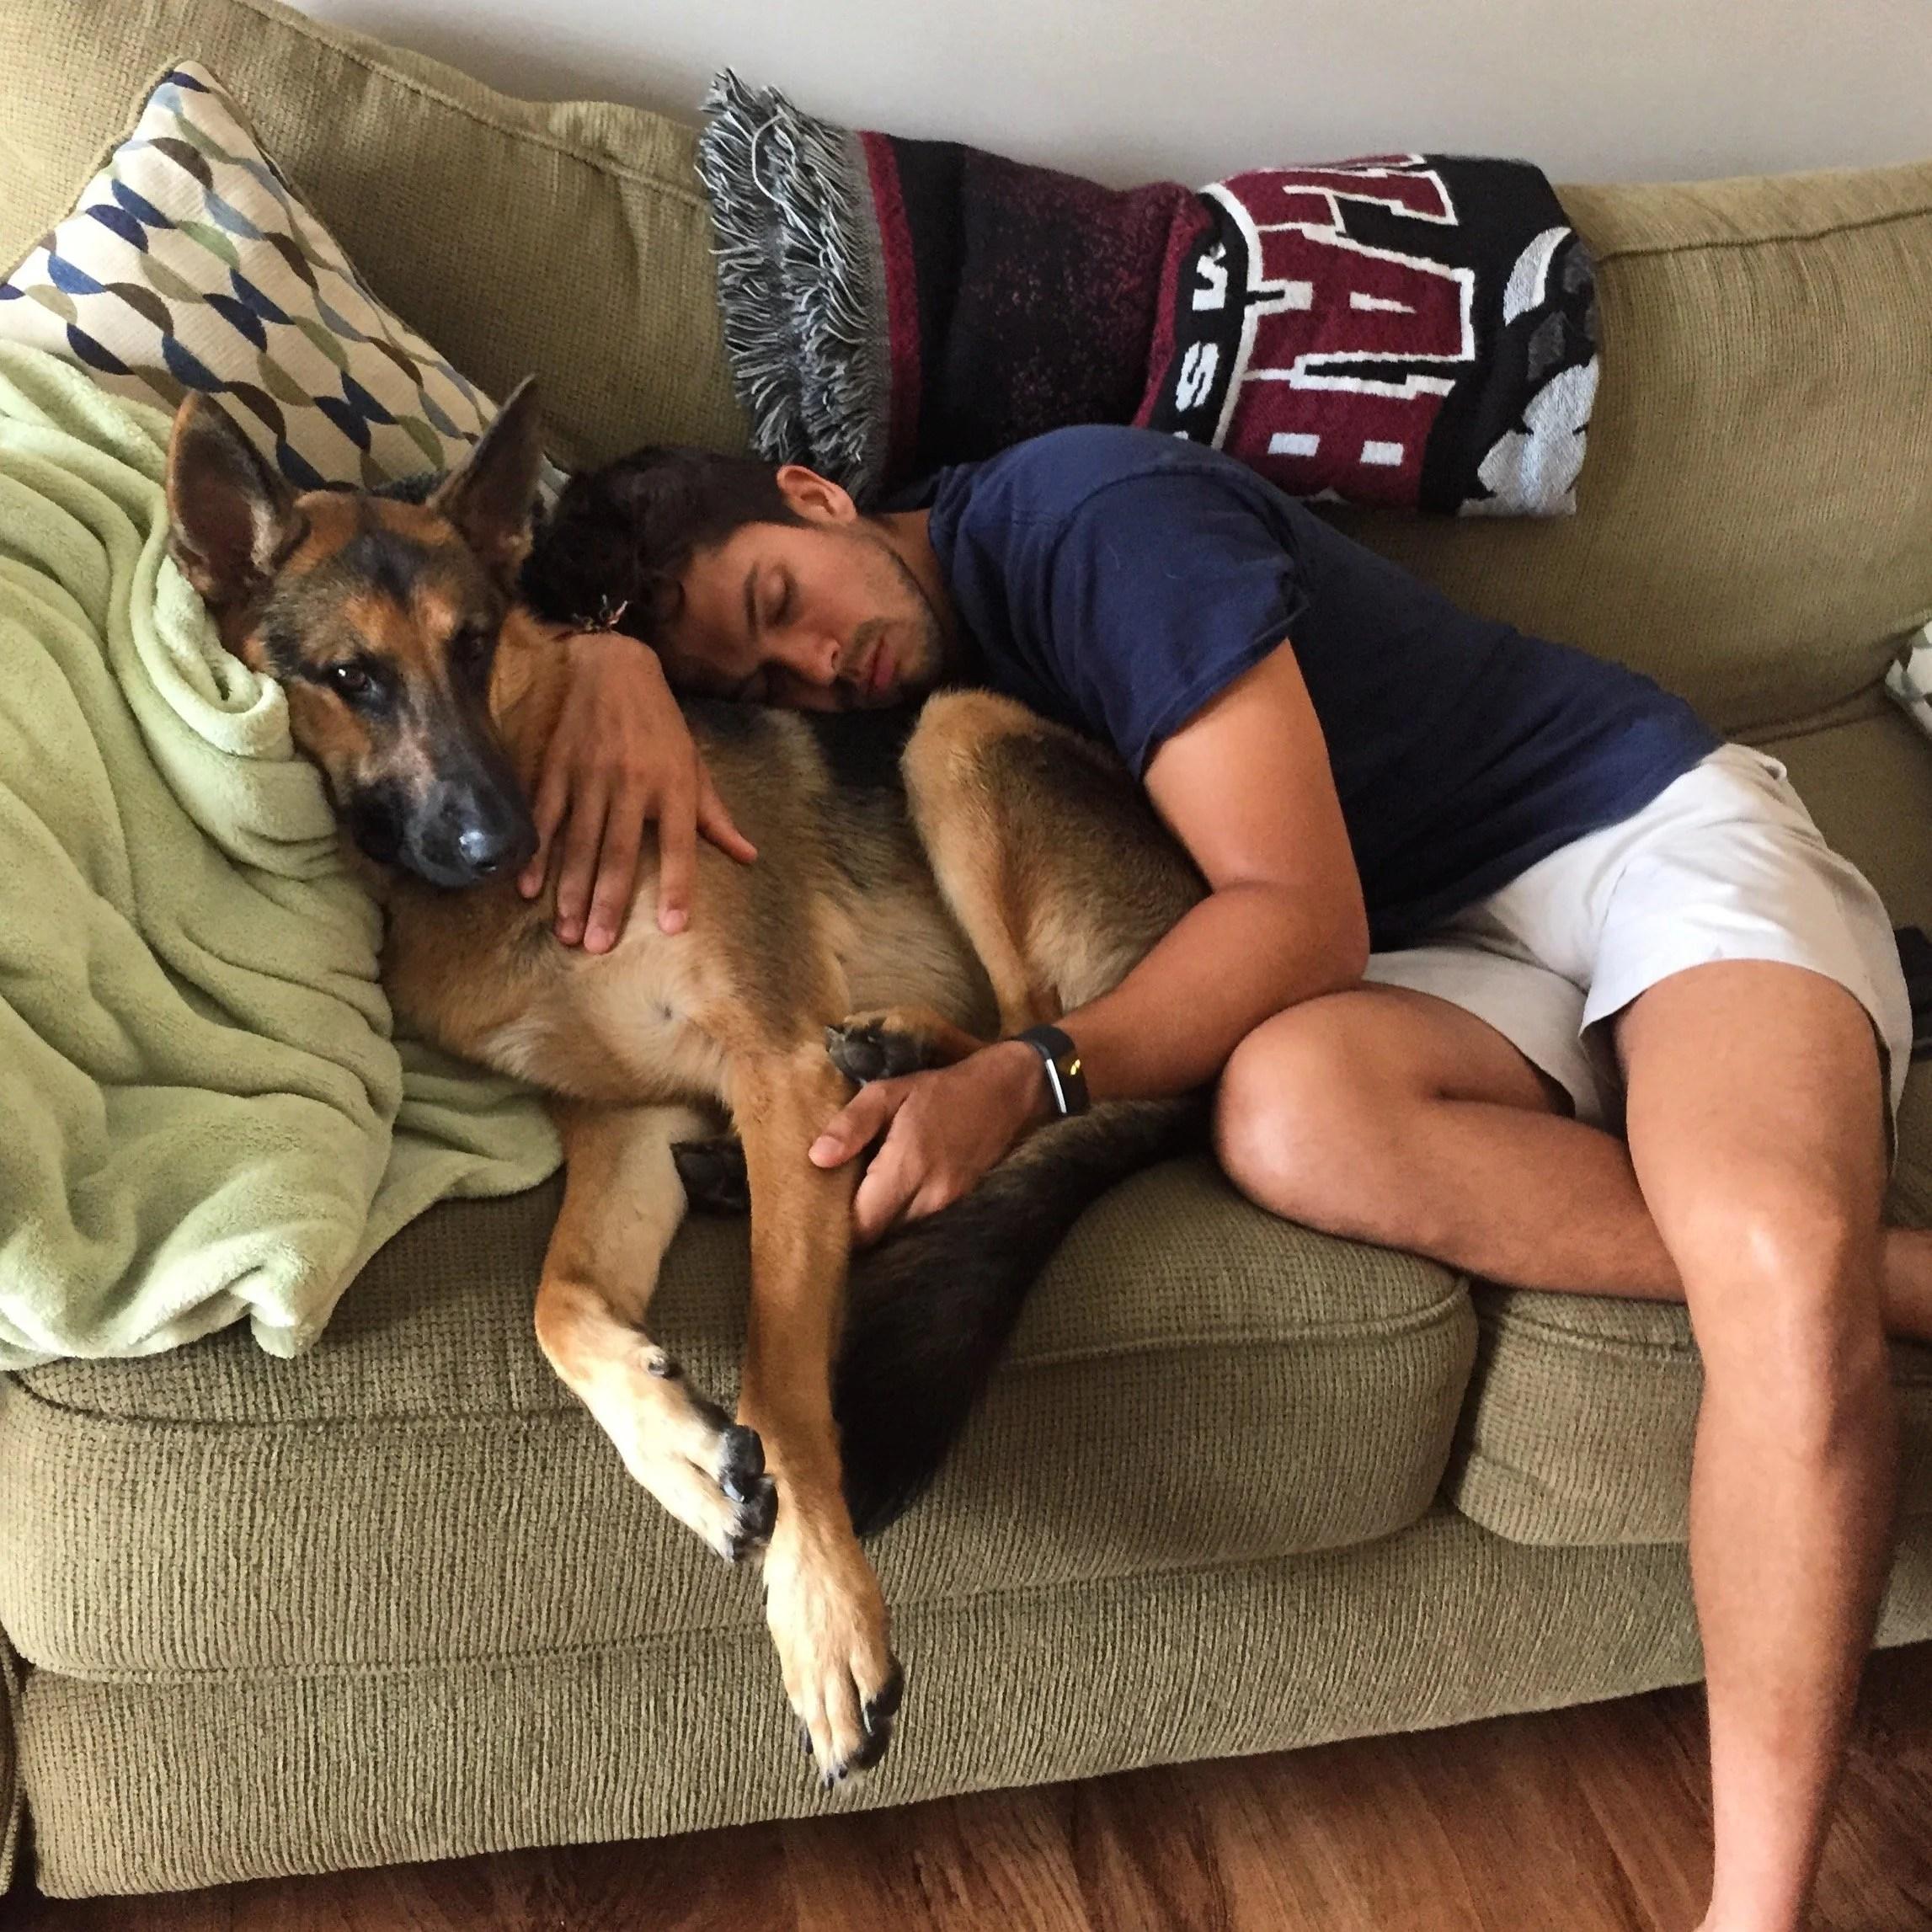 man-sleeping-next-to-his-dog